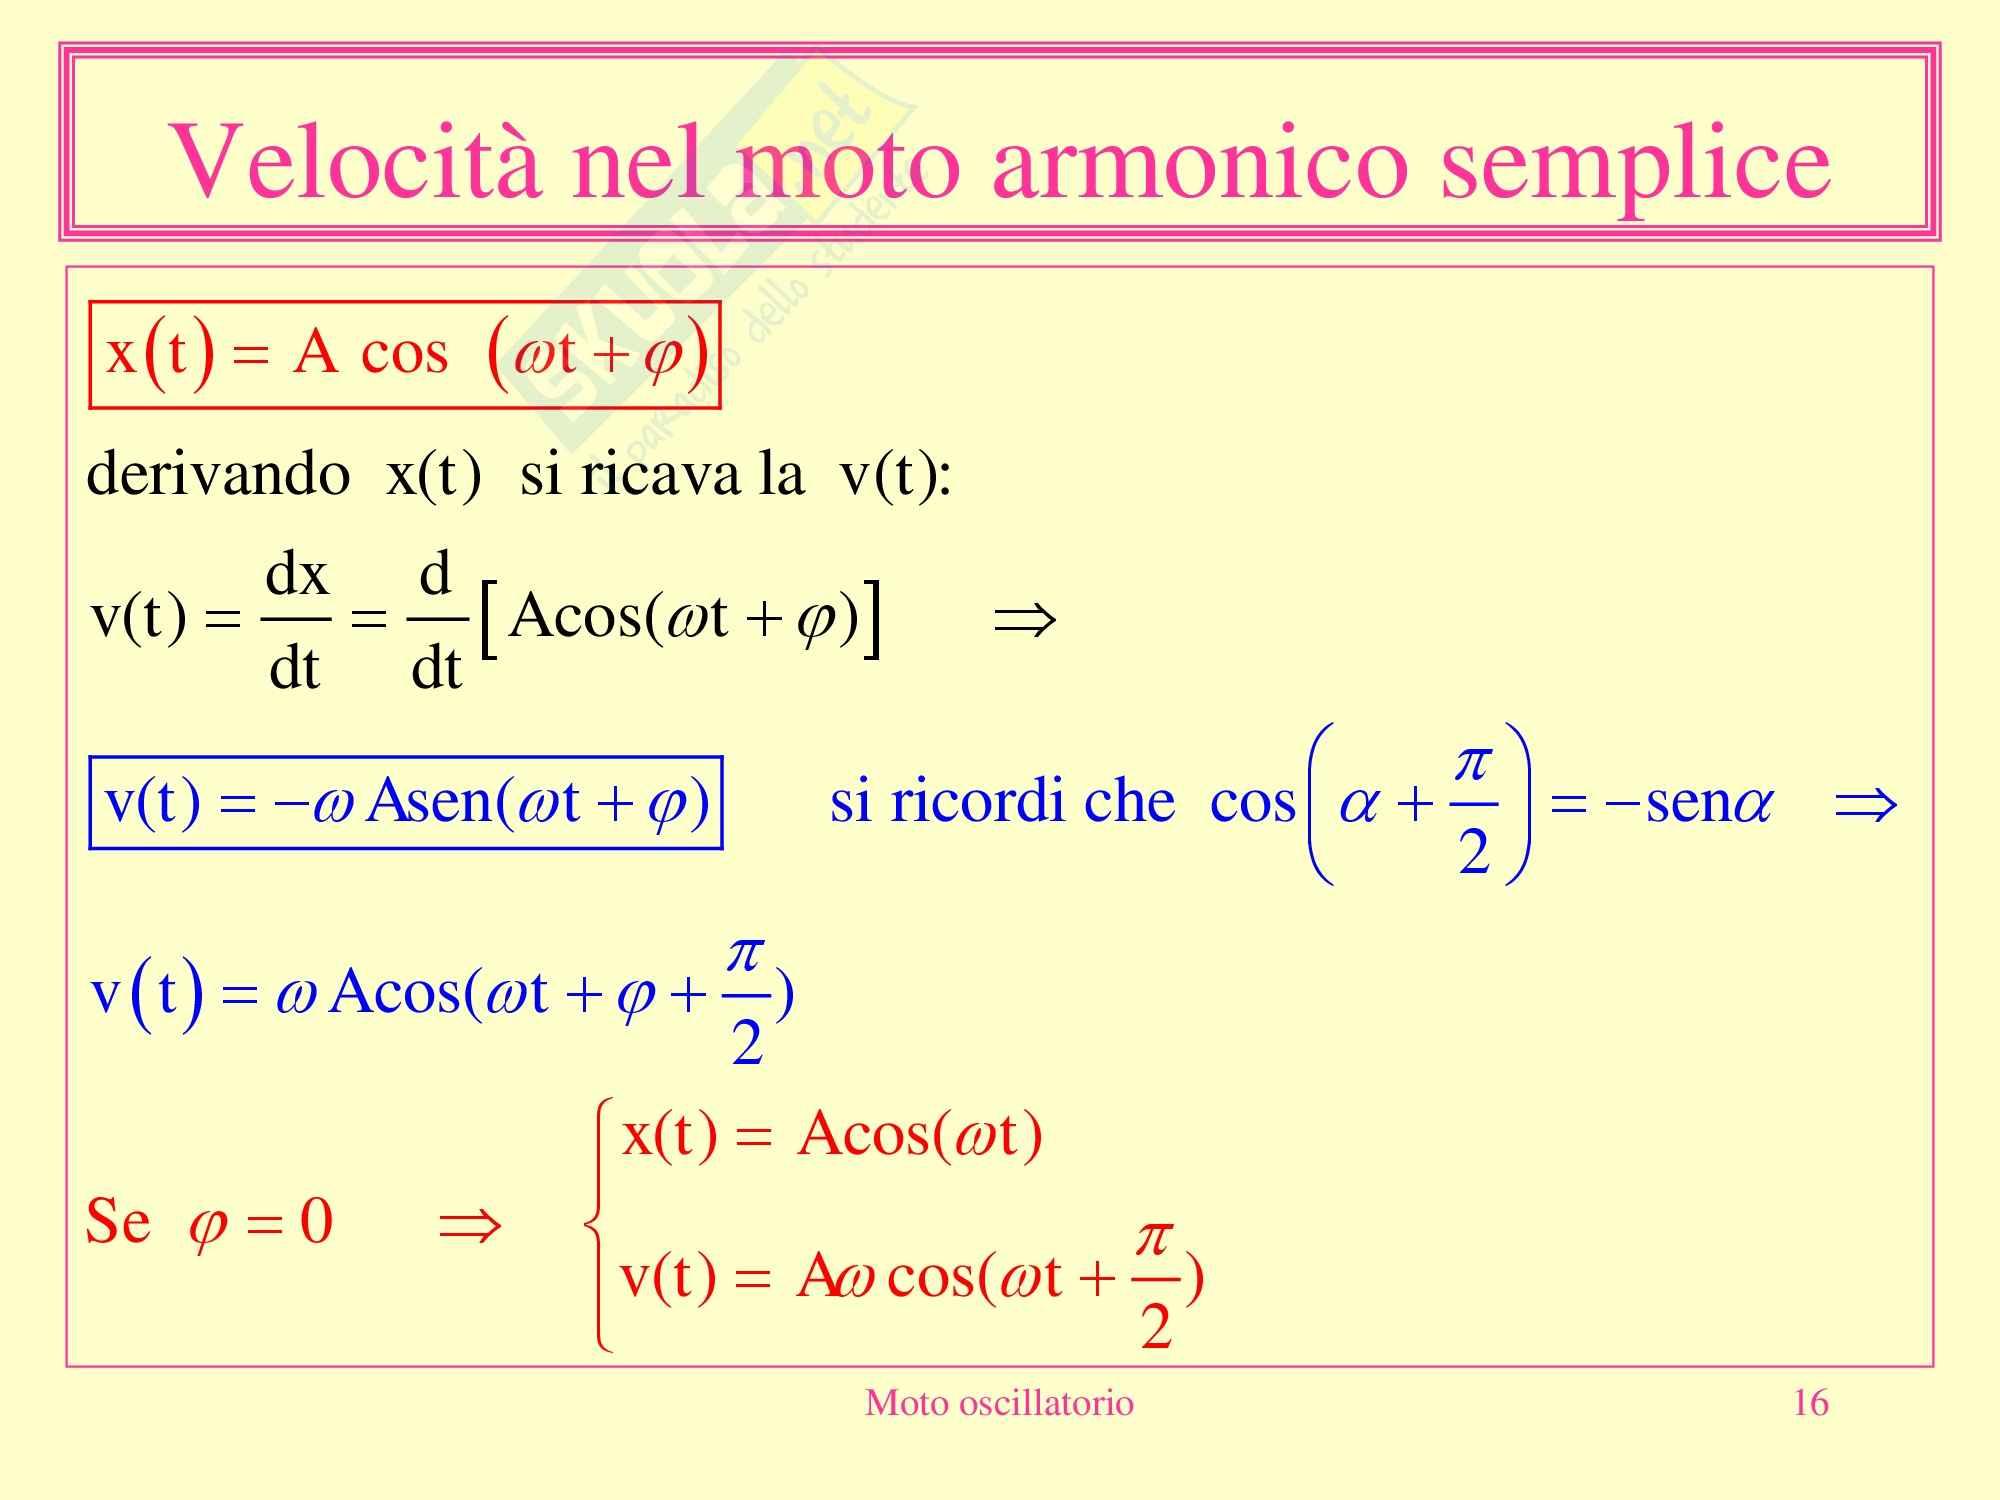 Fisica Medica - moto oscillatorio Pag. 16